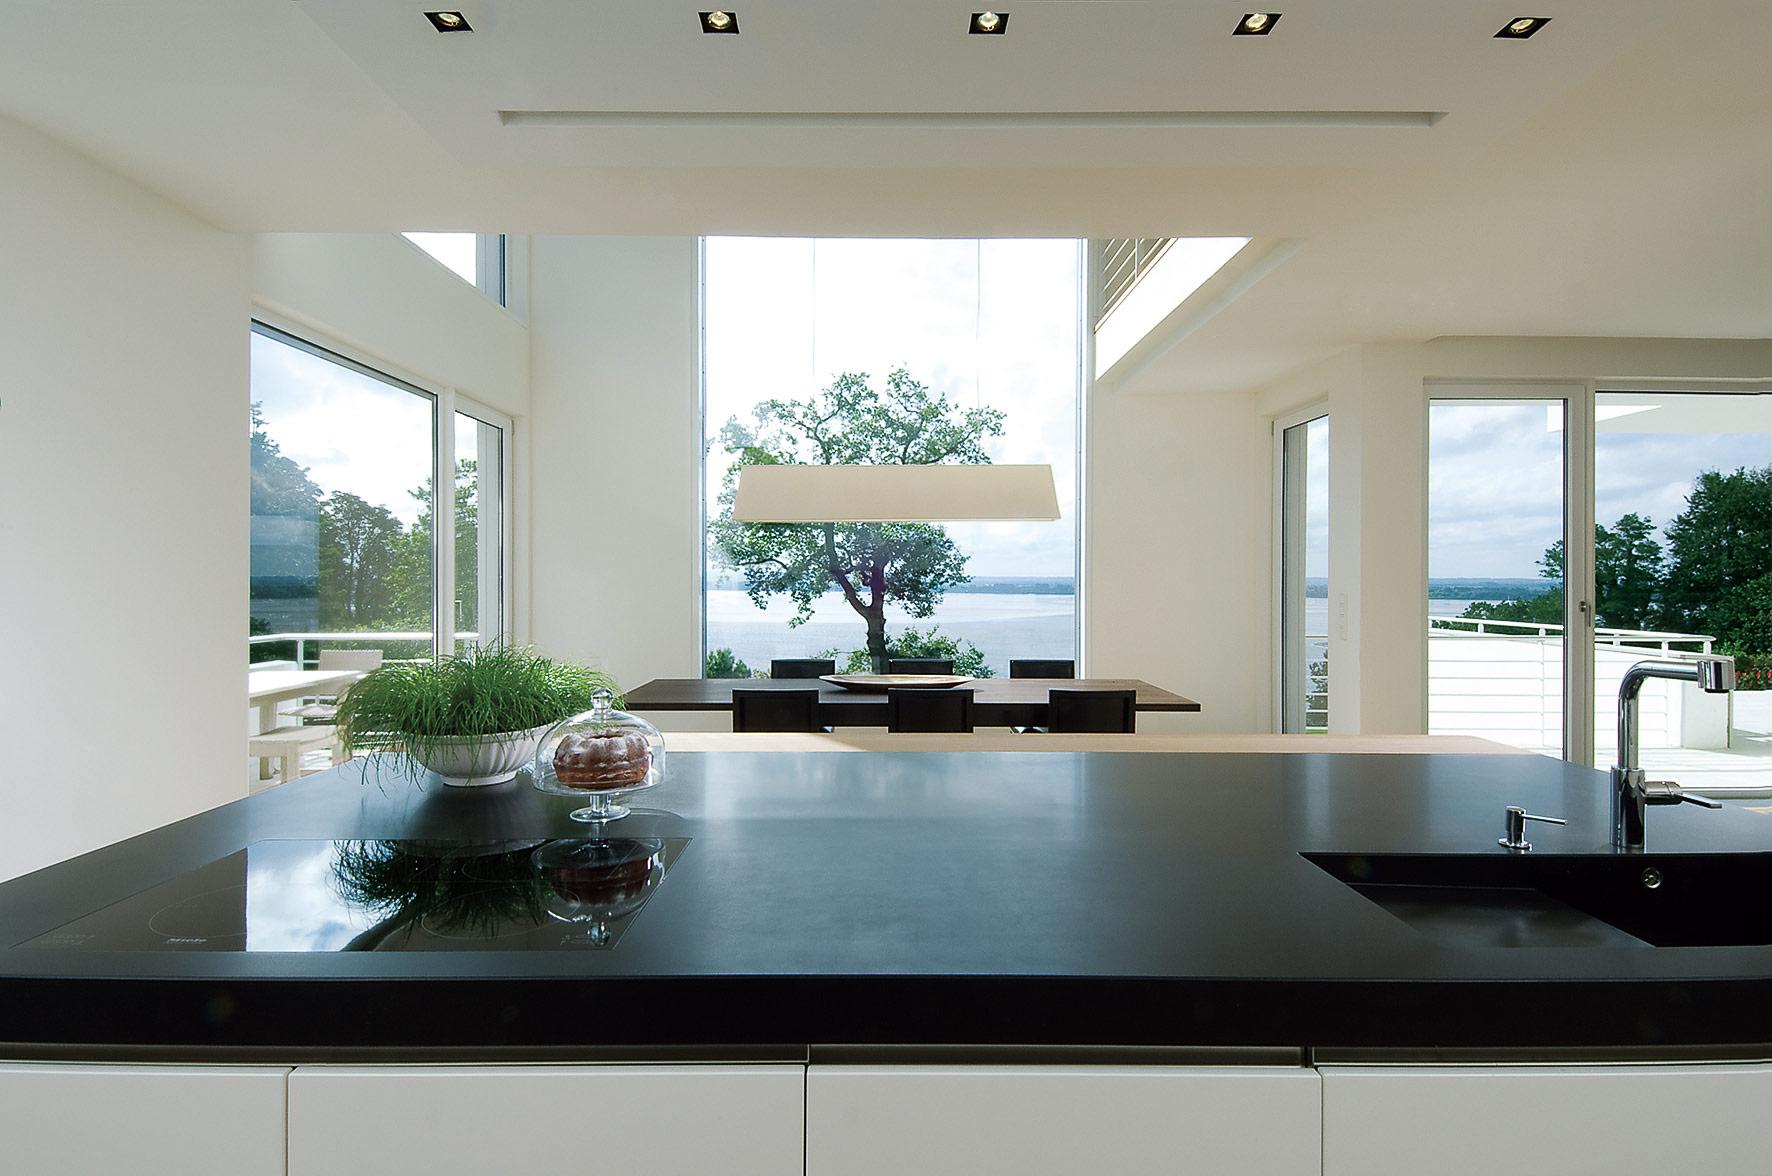 Interieur-Kuechen-Design-Anna-M-Traenkner-Fotografie